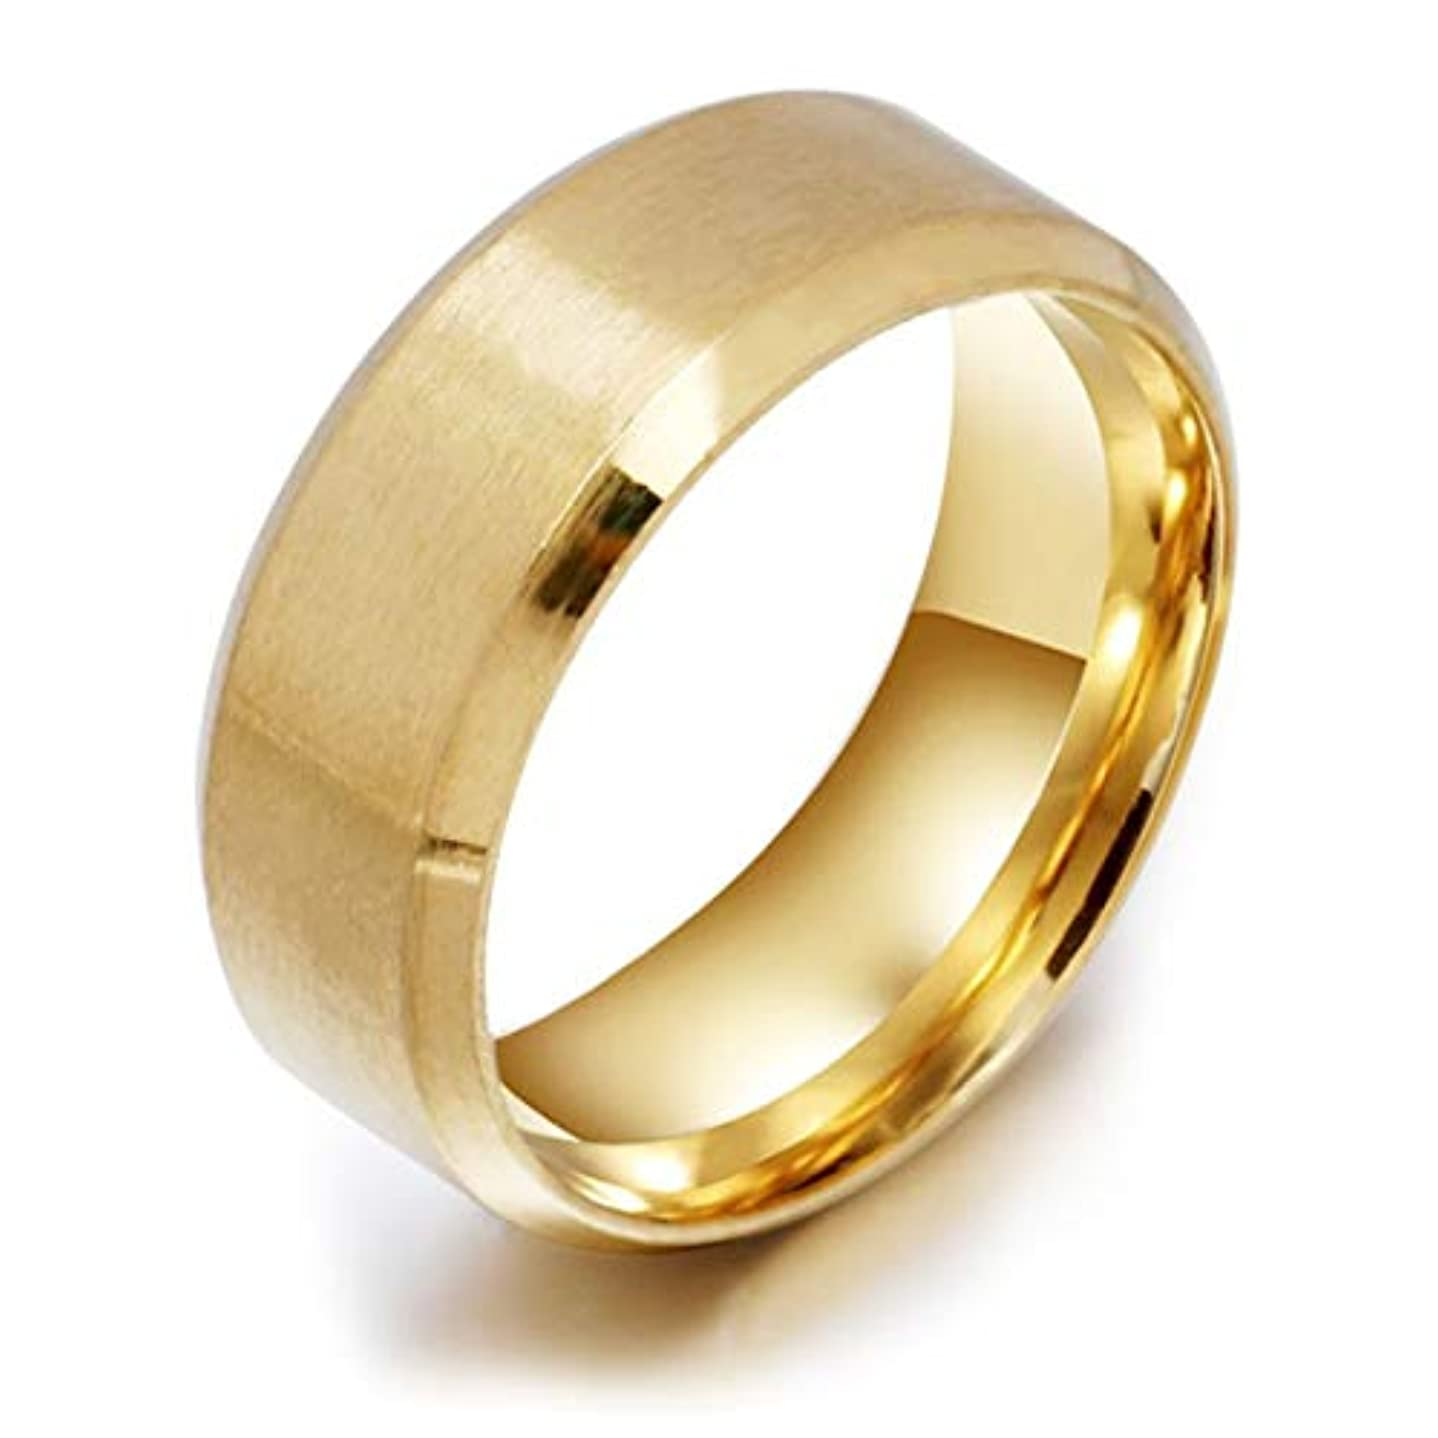 登る寝室を掃除するポスト印象派ステンレス鋼の医療指リング磁気減量リング男性のための高いポーランドのファッションジュエリー女性リング-ゴールド10